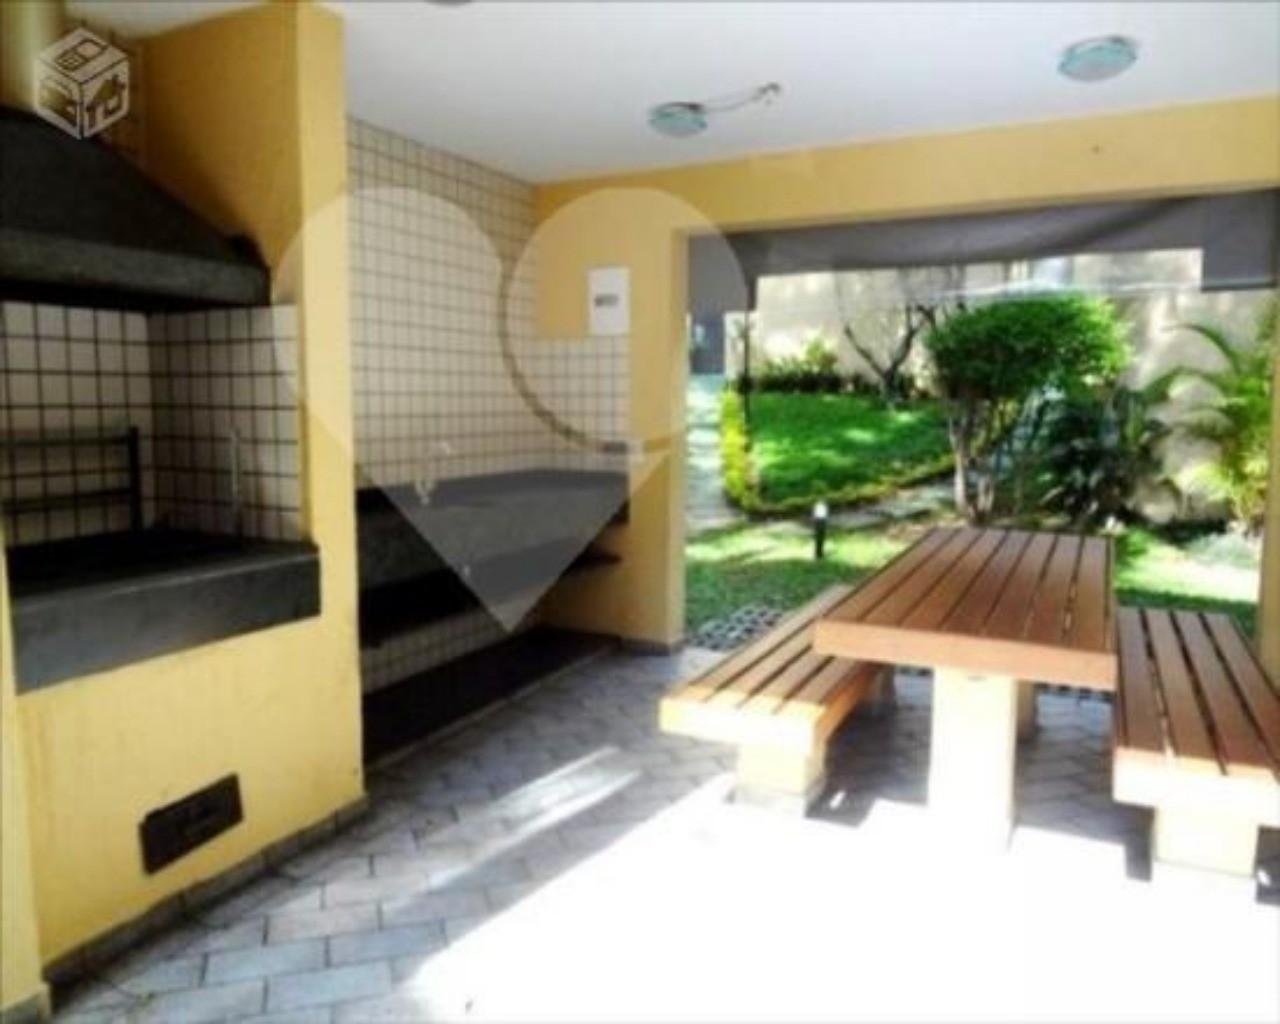 comprar ou alugar apartamento no bairro vila sofia na cidade de sao paulo-sp